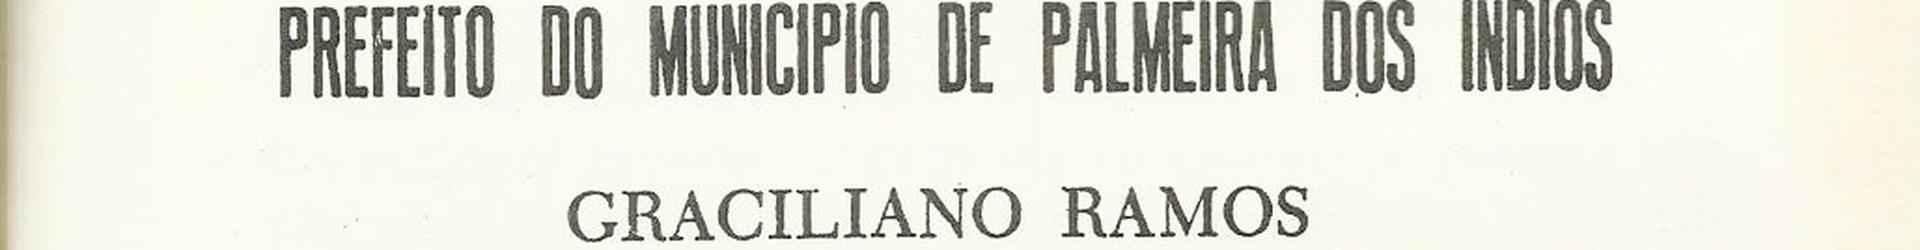 O prefeito Graciliano Ramos e seus relatórios de gestão